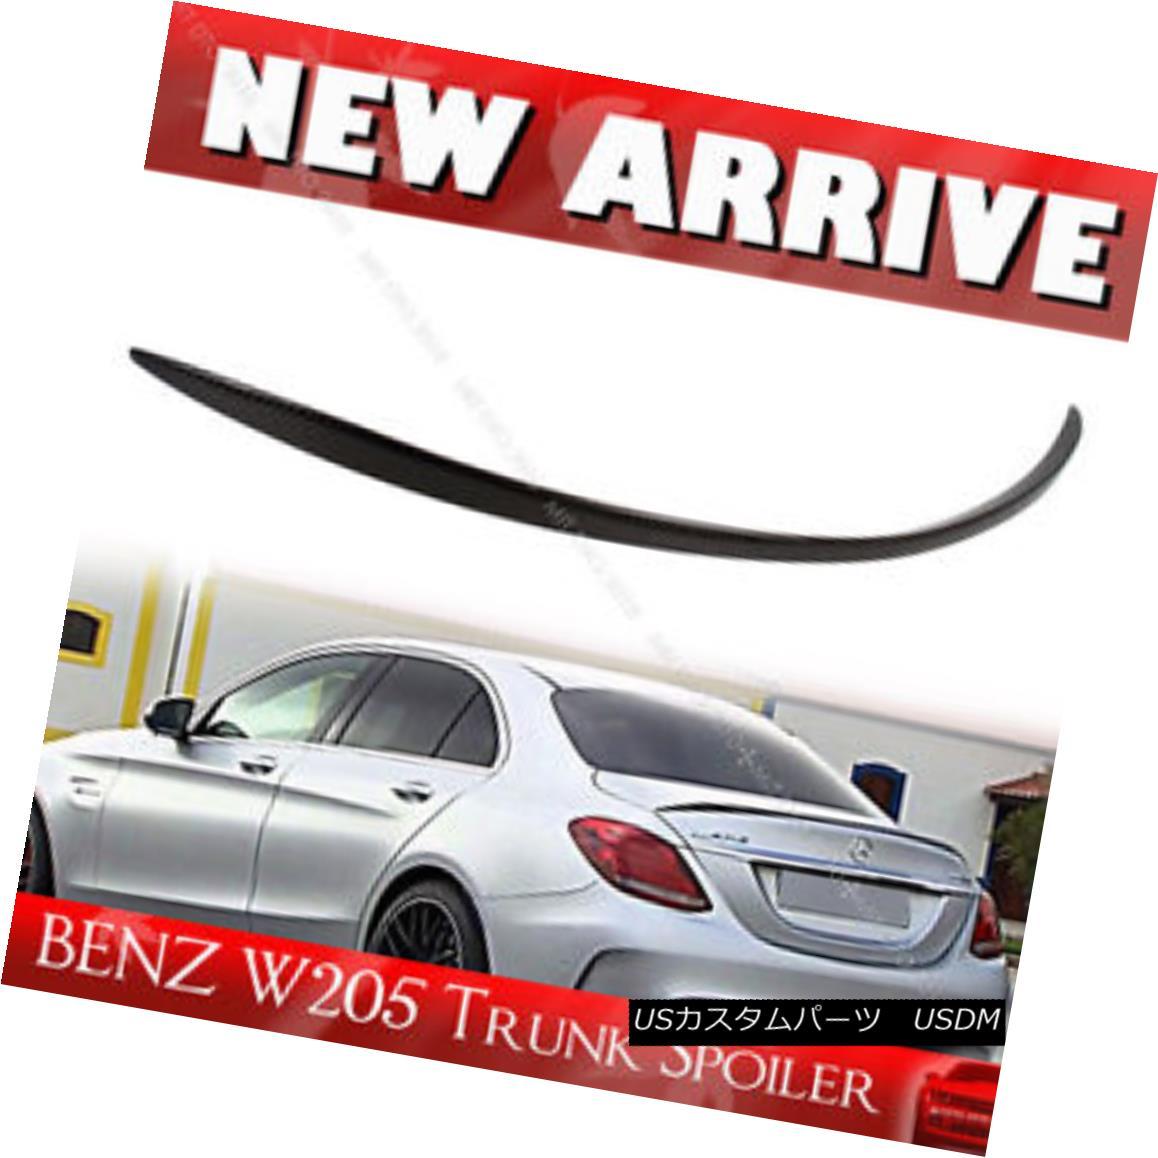 エアロパーツ Carbon OE Trunk Spoiler For Mercedes BENZ C-Class W205 Sedan 2016 C400 メルセデスベンツCクラスW205セダン2016 C400用カーボンOEトランク・スポイラー